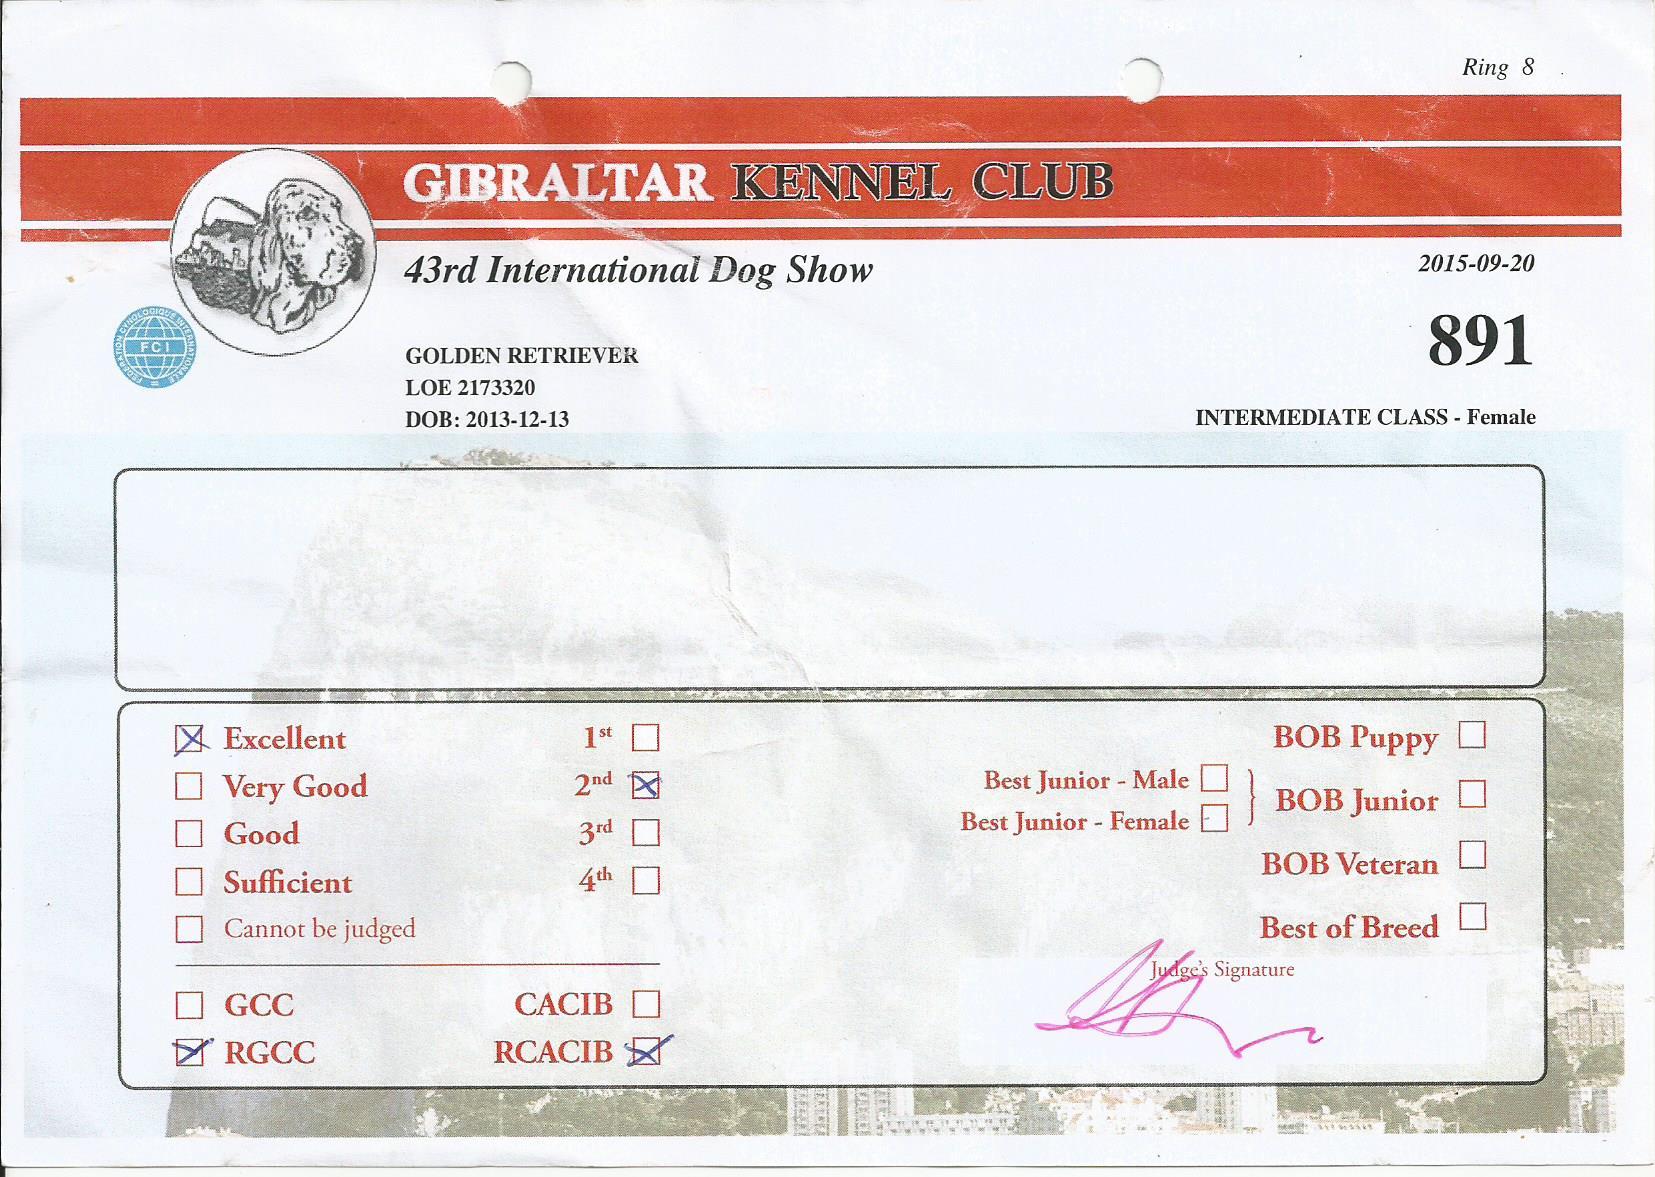 TATI RES CACIB GIBRALTAR 20 SEP 2015